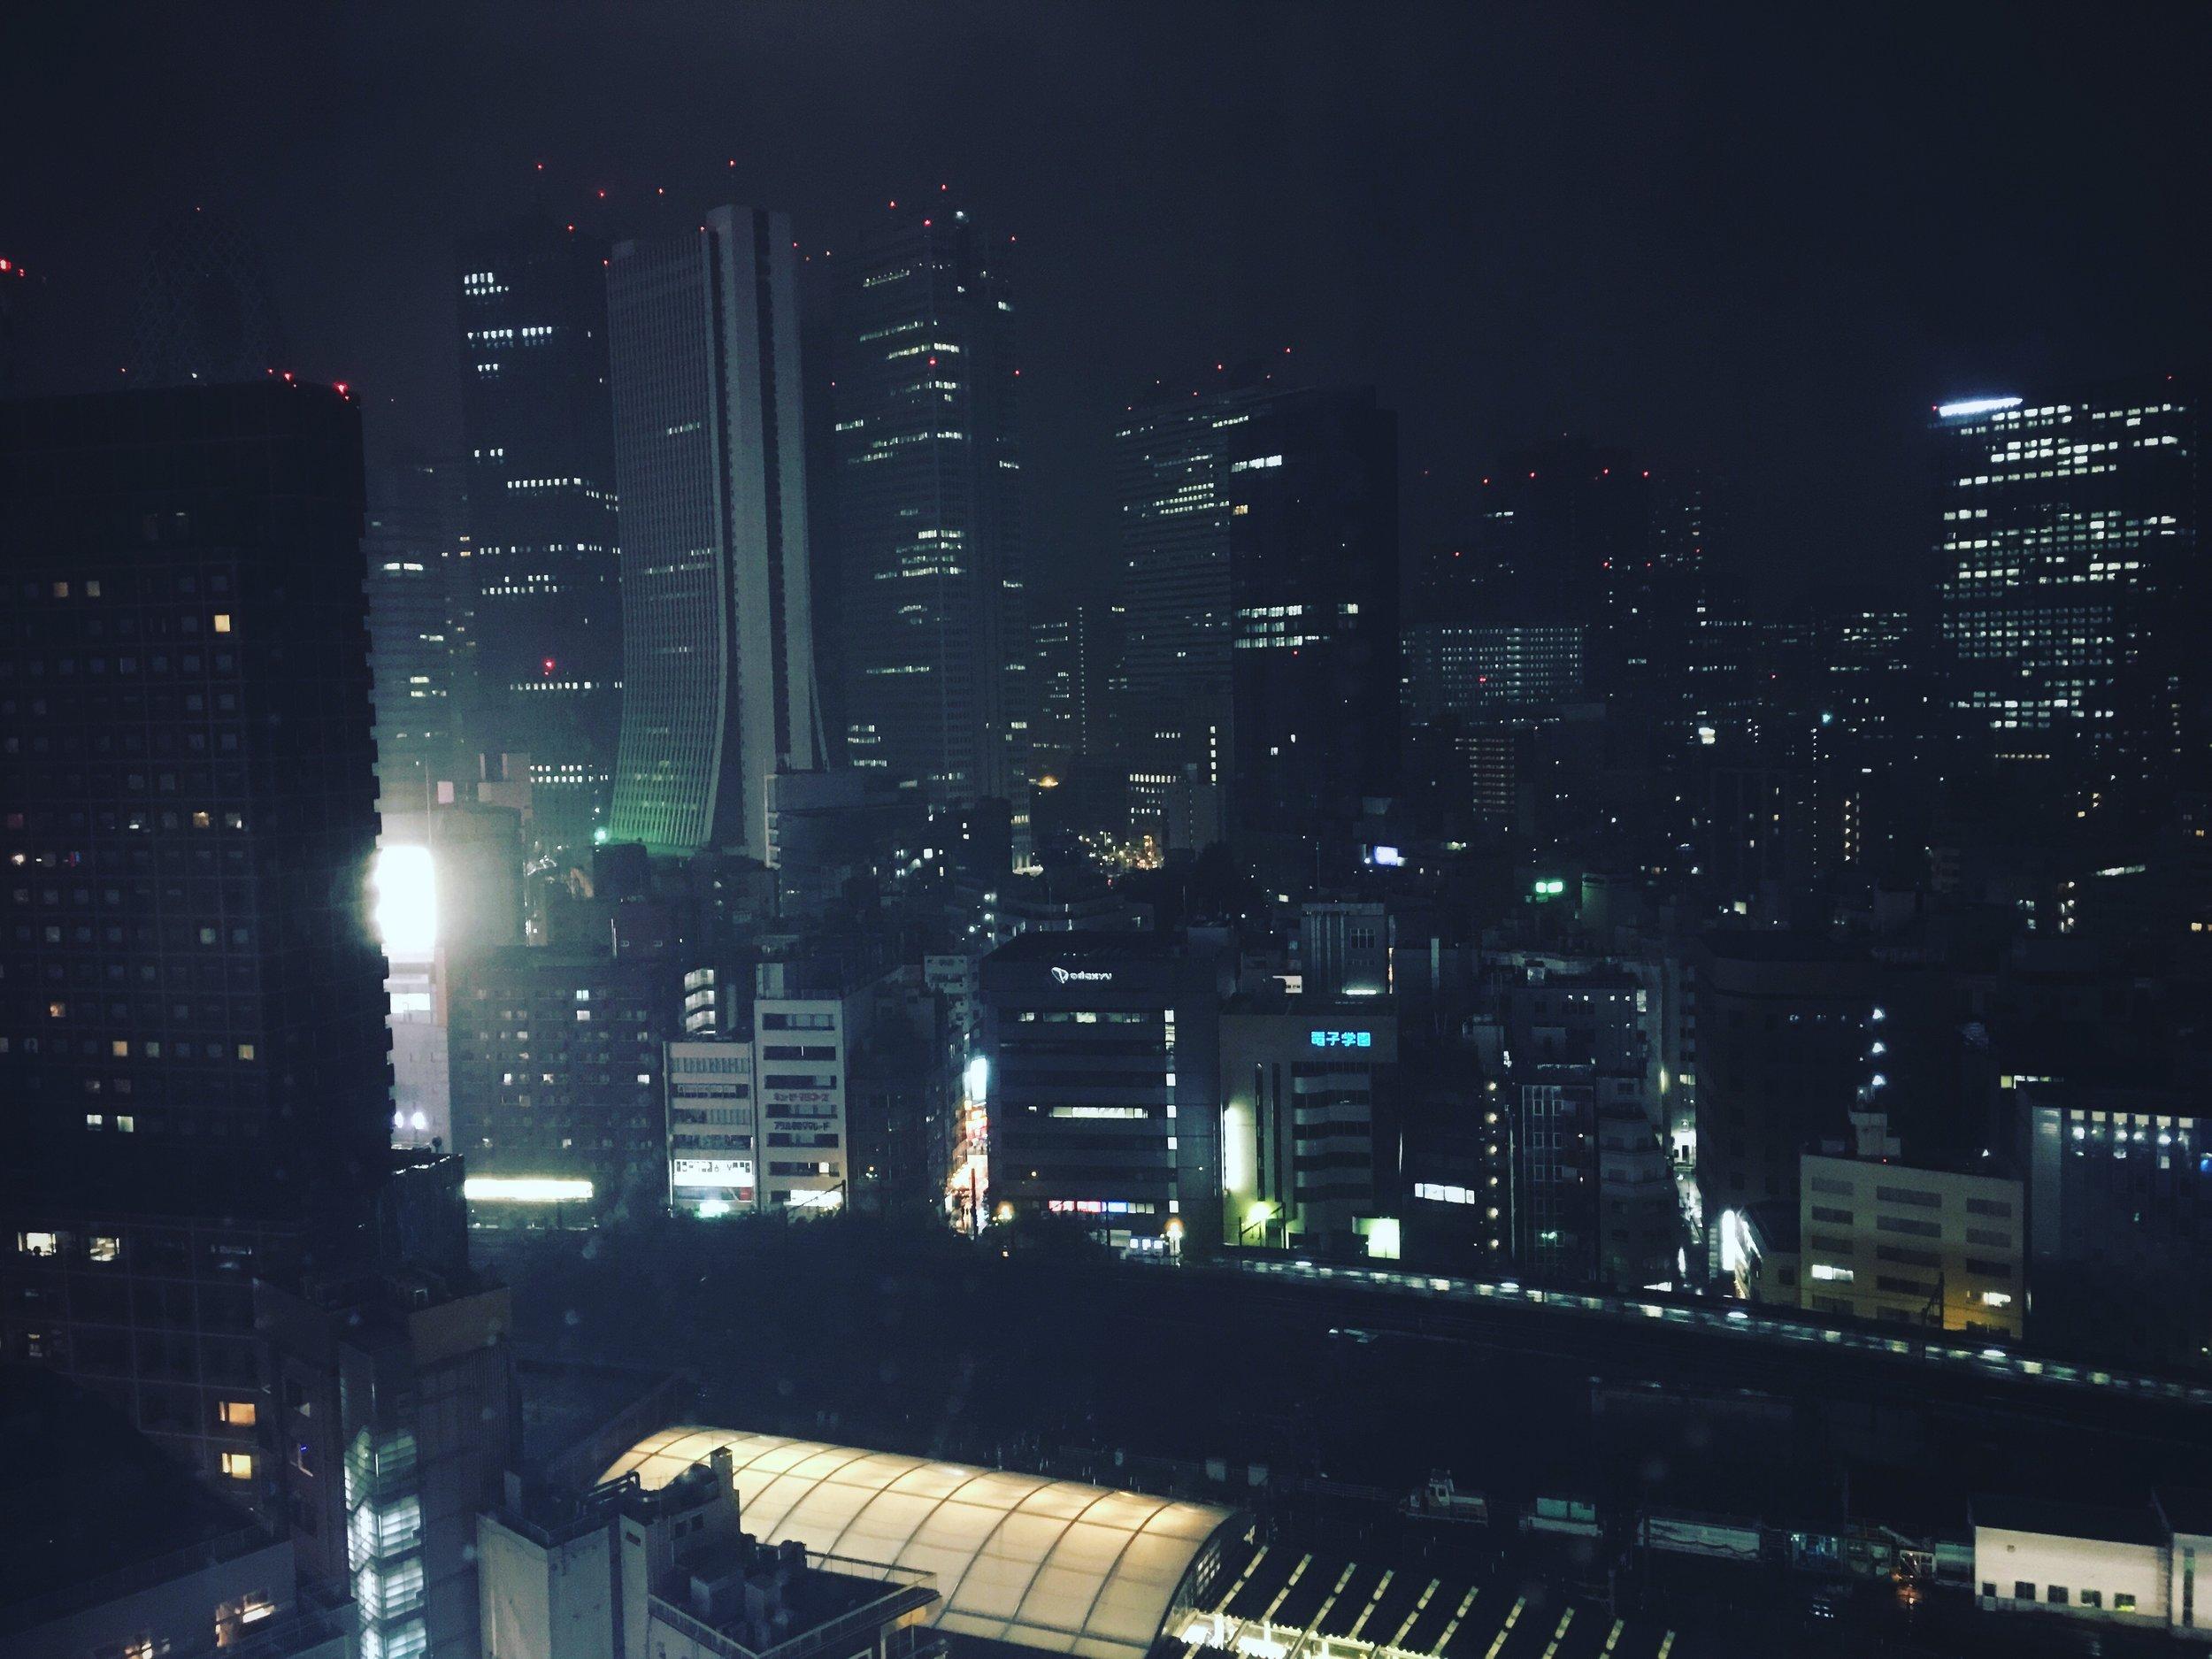 Shinjuku at Night - Note the Atari Building